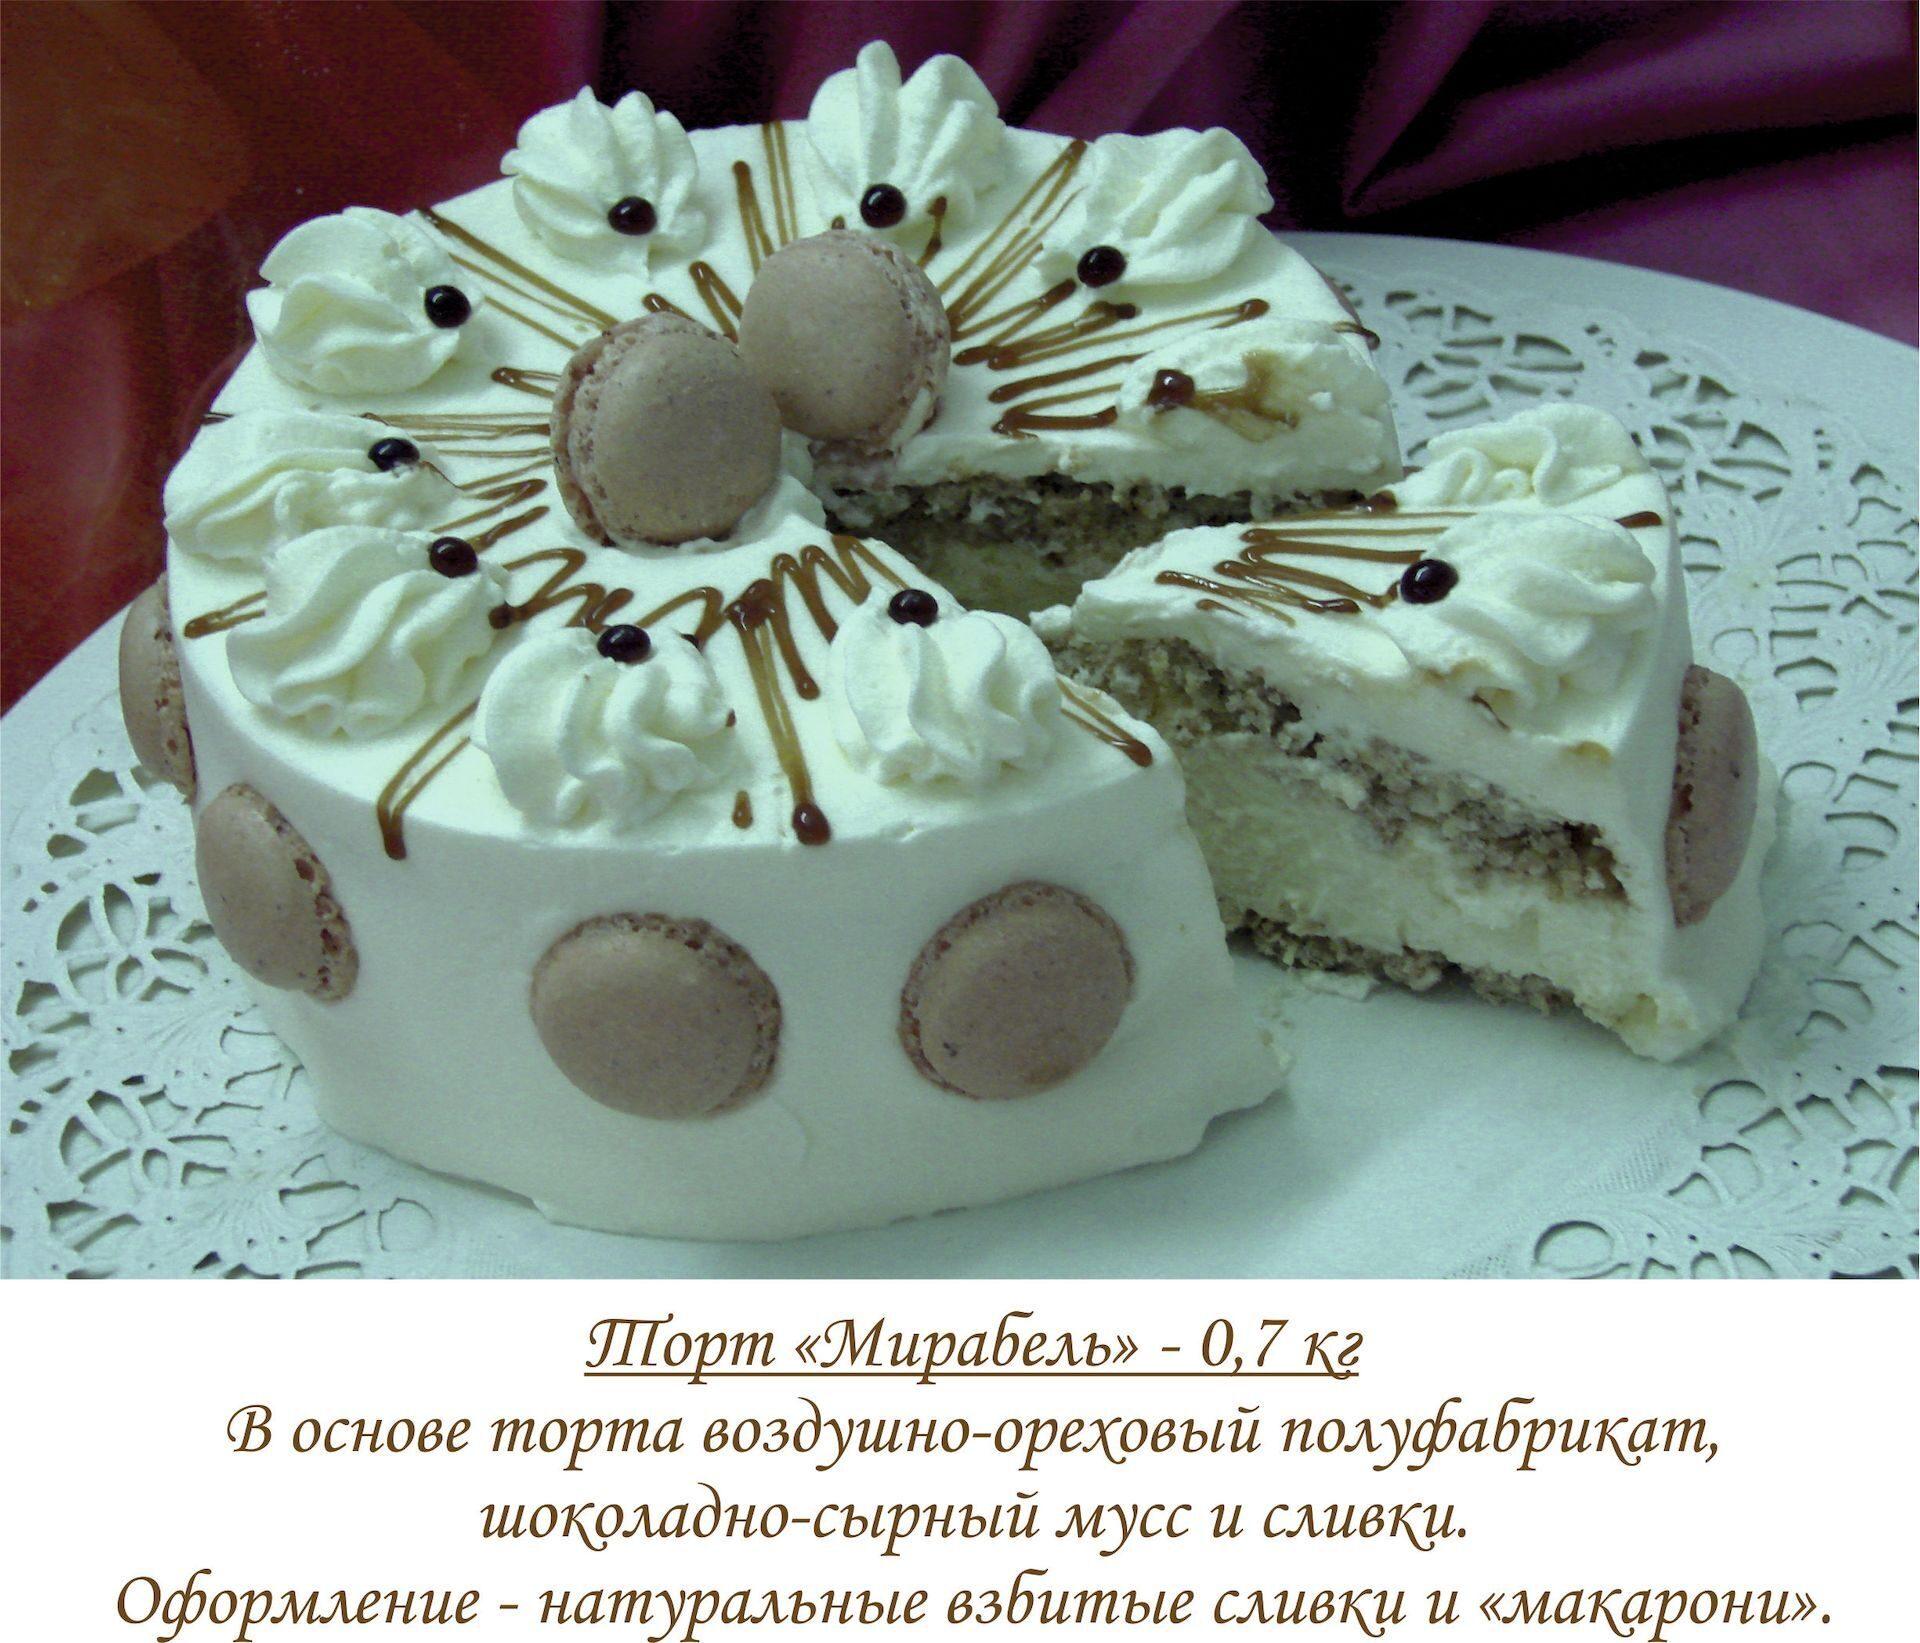 как приготовить торт медовый месяц манжари